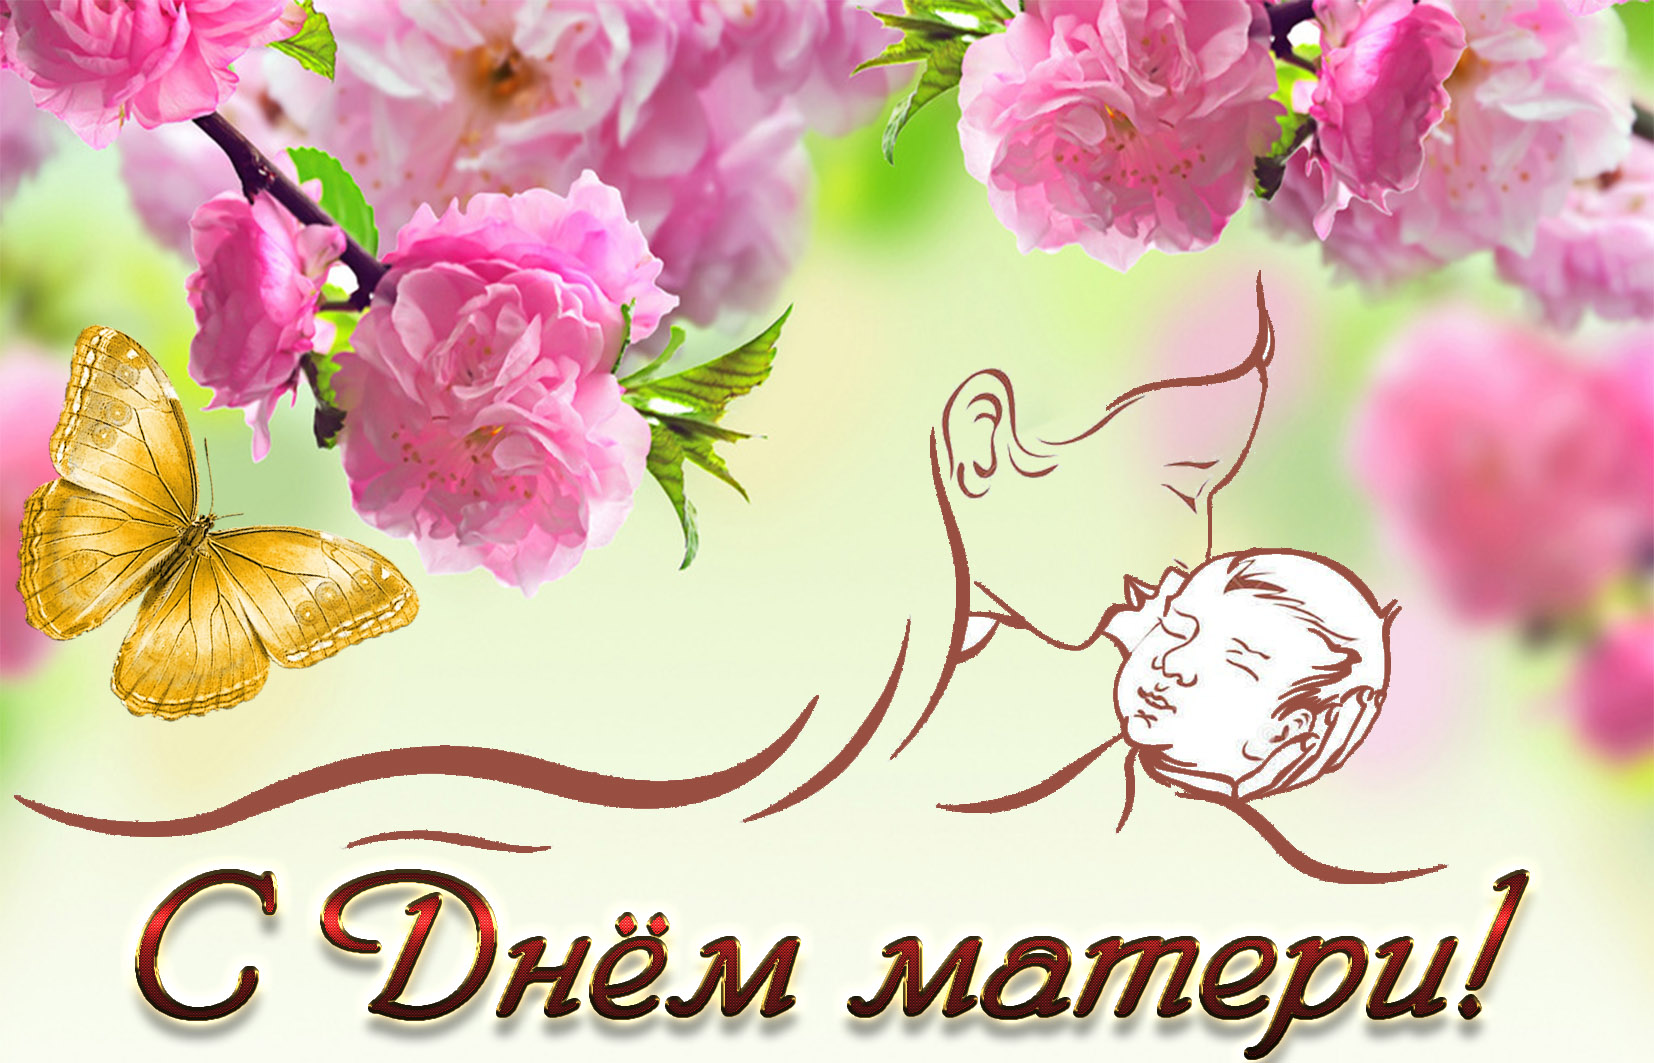 Рождения открытки, день матери 2015 открытка